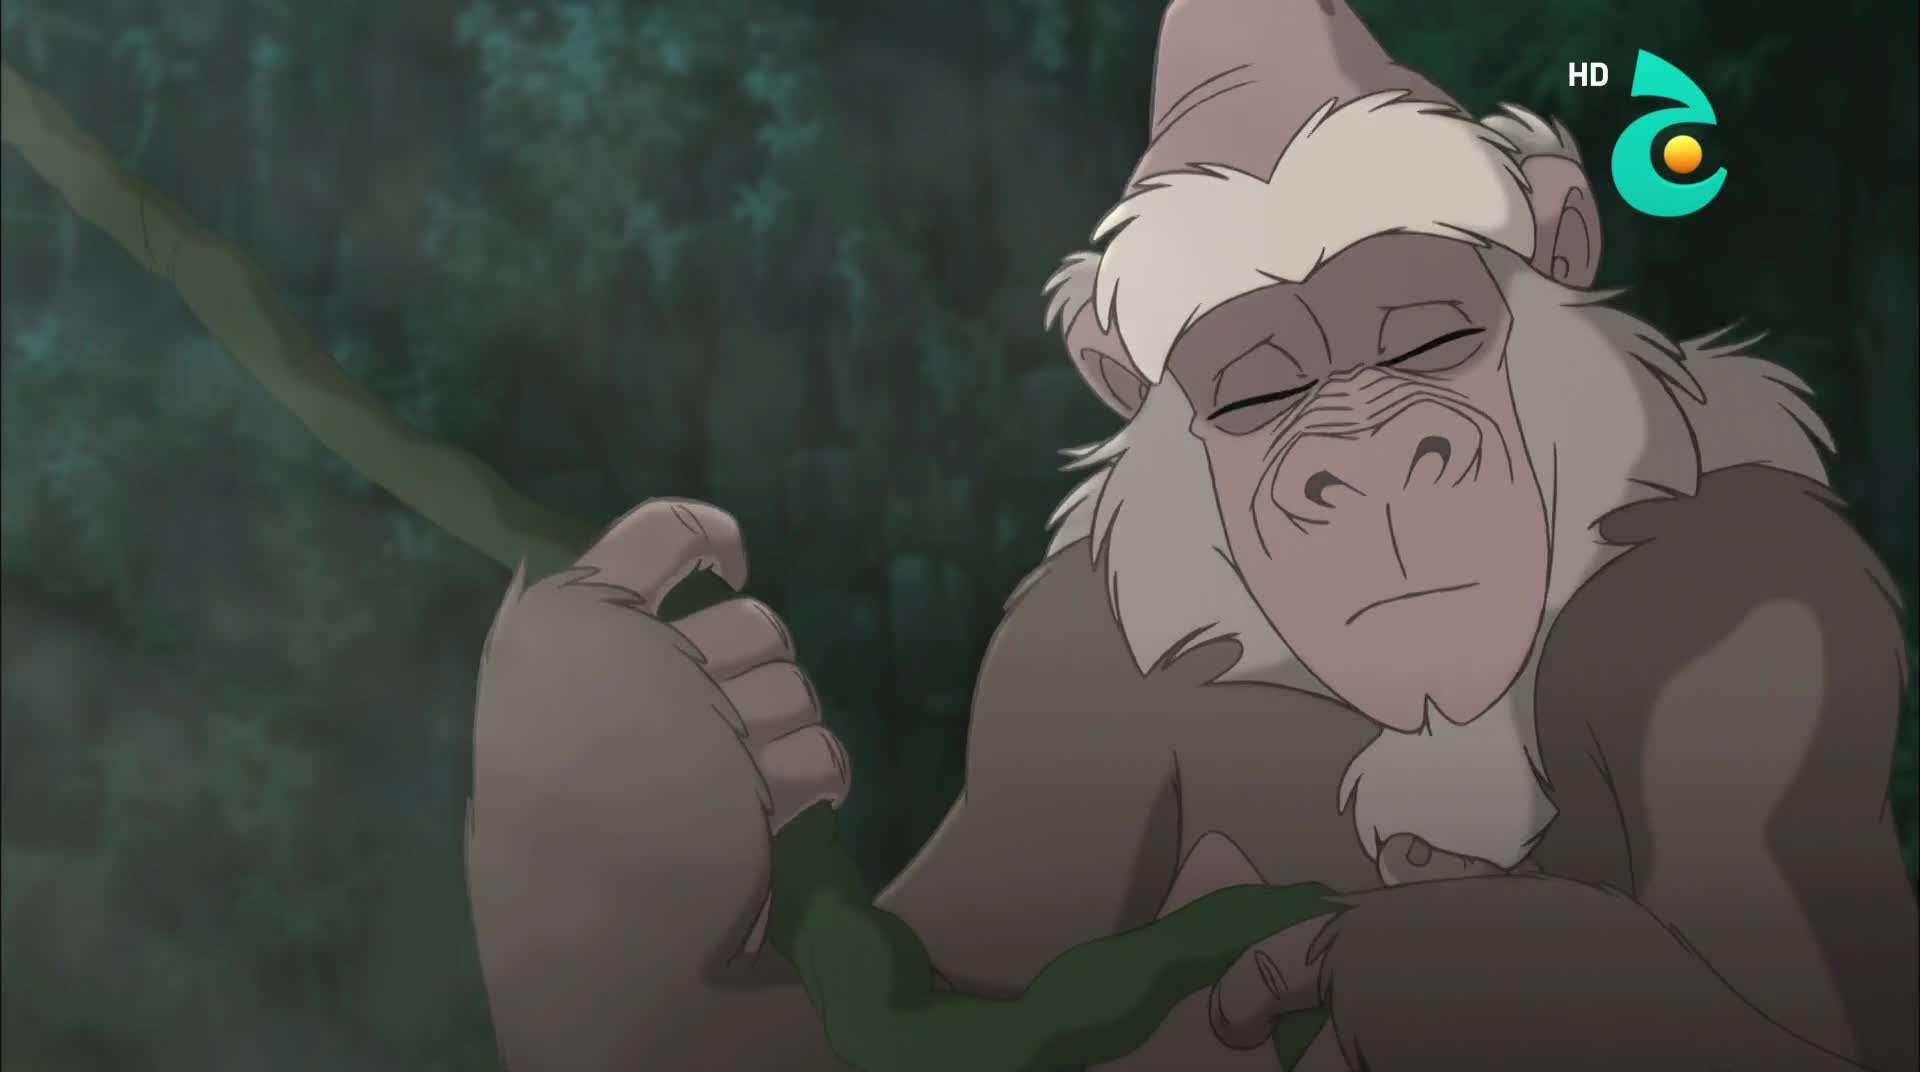 طرزان الجزء الثاني Tarzan II (2005) HDTV 1080p تحميل تورنت 13 arabp2p.com